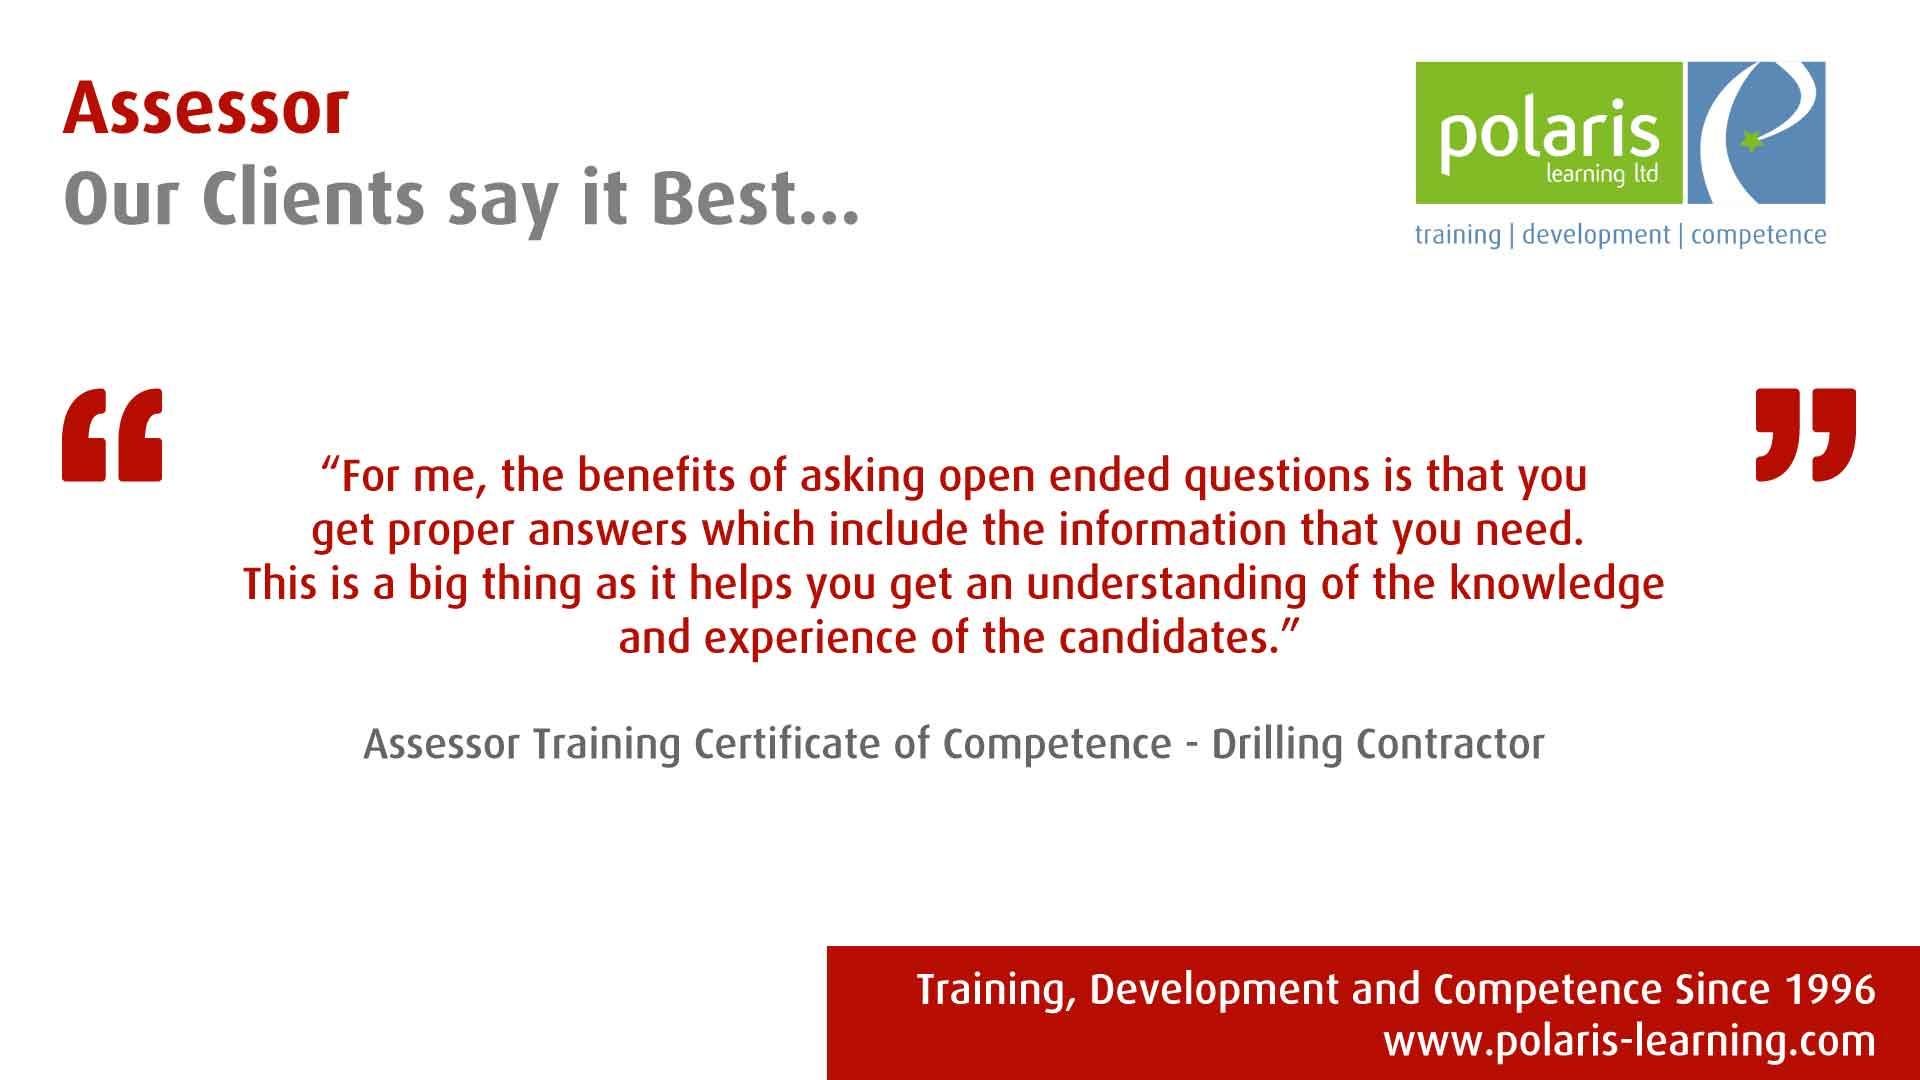 Assessor Training